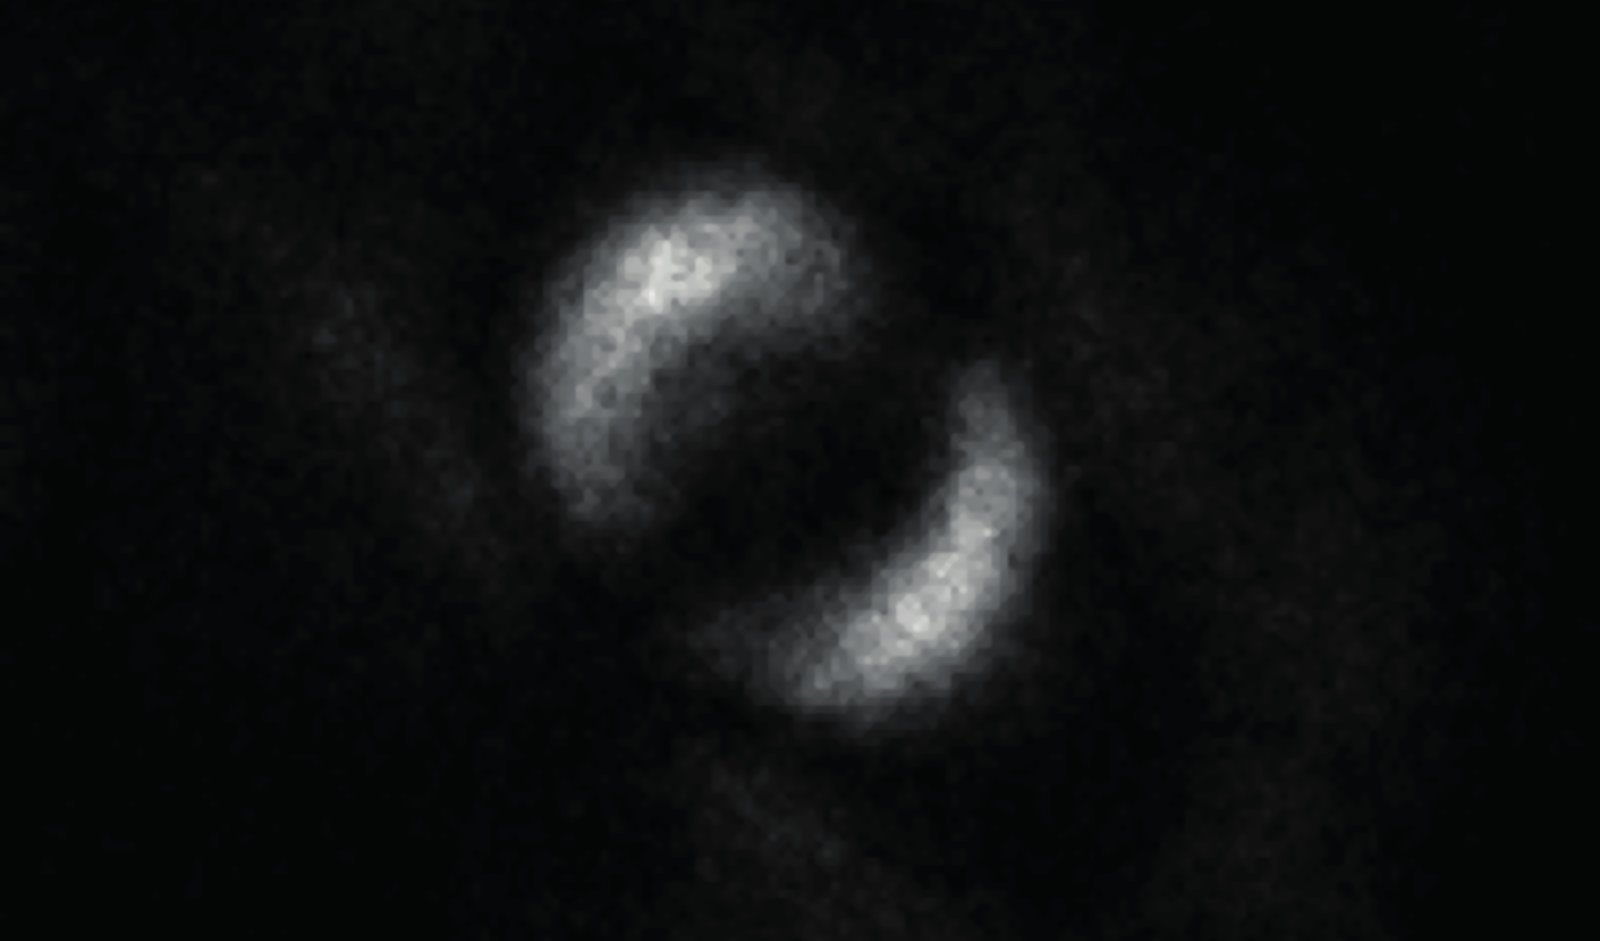 科学家首次揭开量子纠缠的神秘面纱-有意思吧